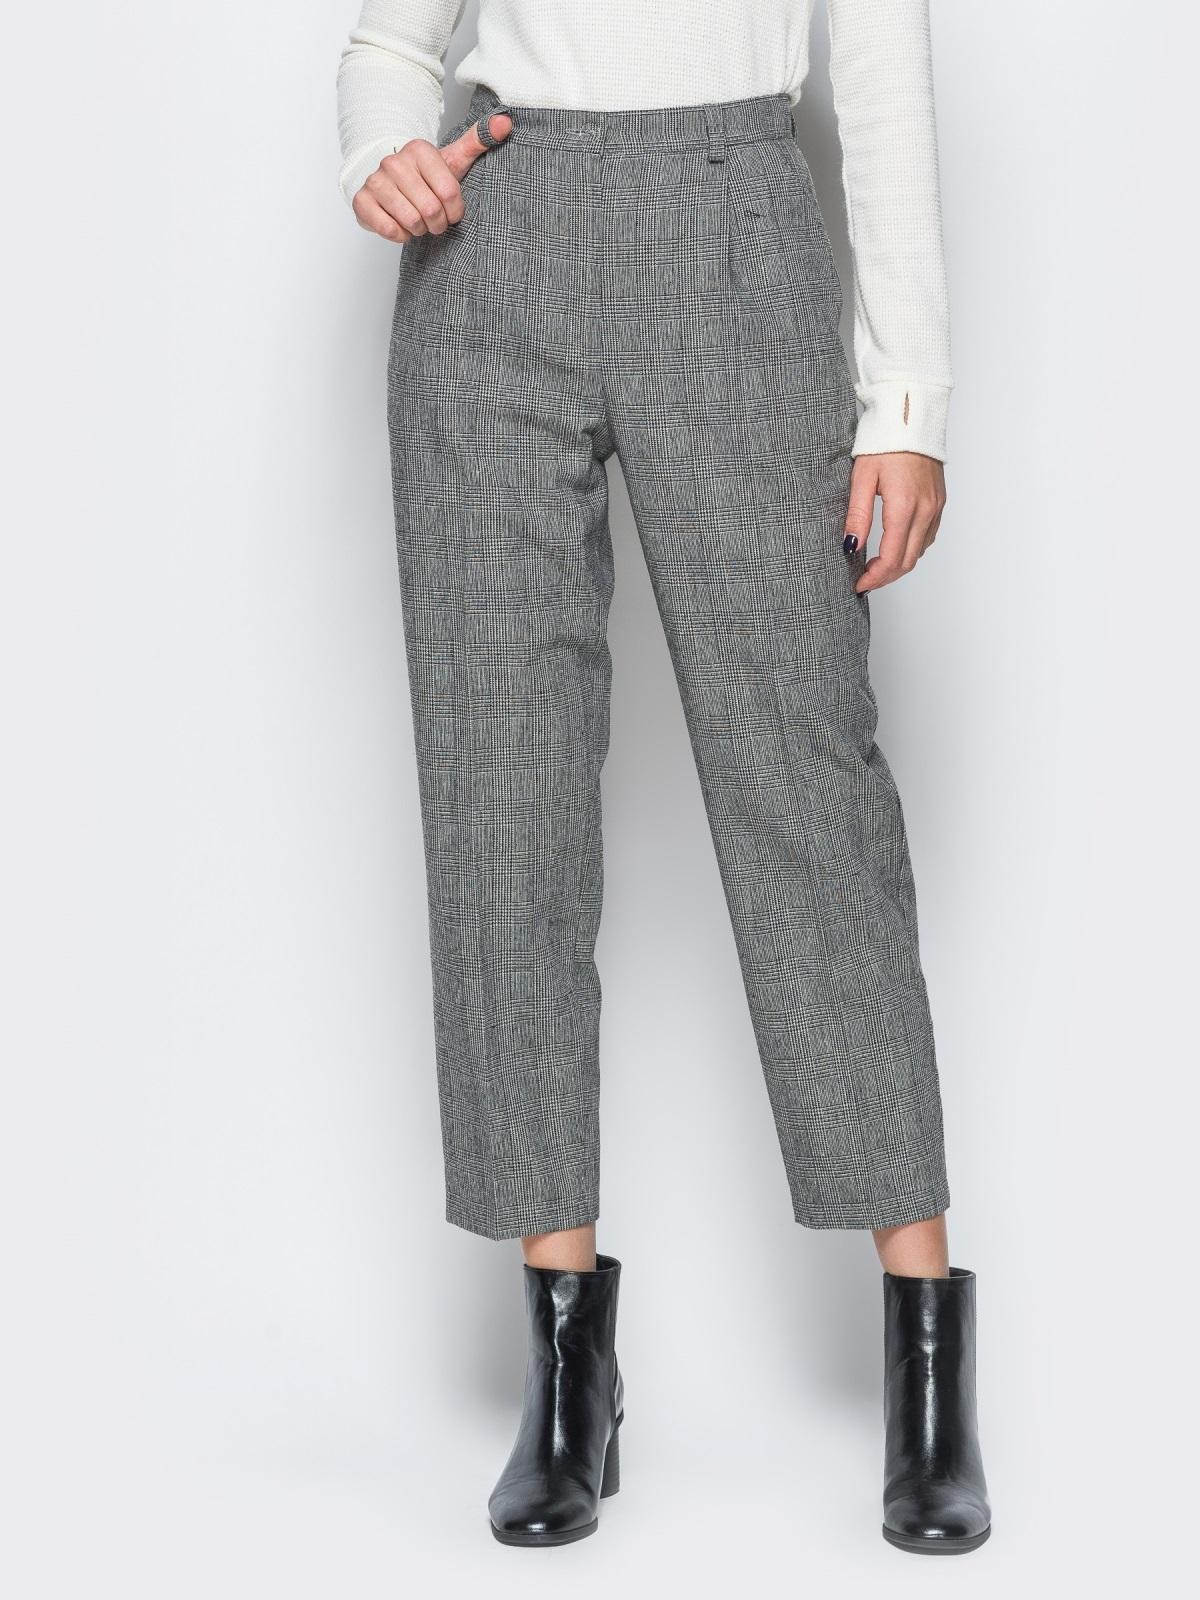 Укороченные брюки в серую клетку с высокой посадкой - 17665, фото 1 –  интернет- 098927c886c